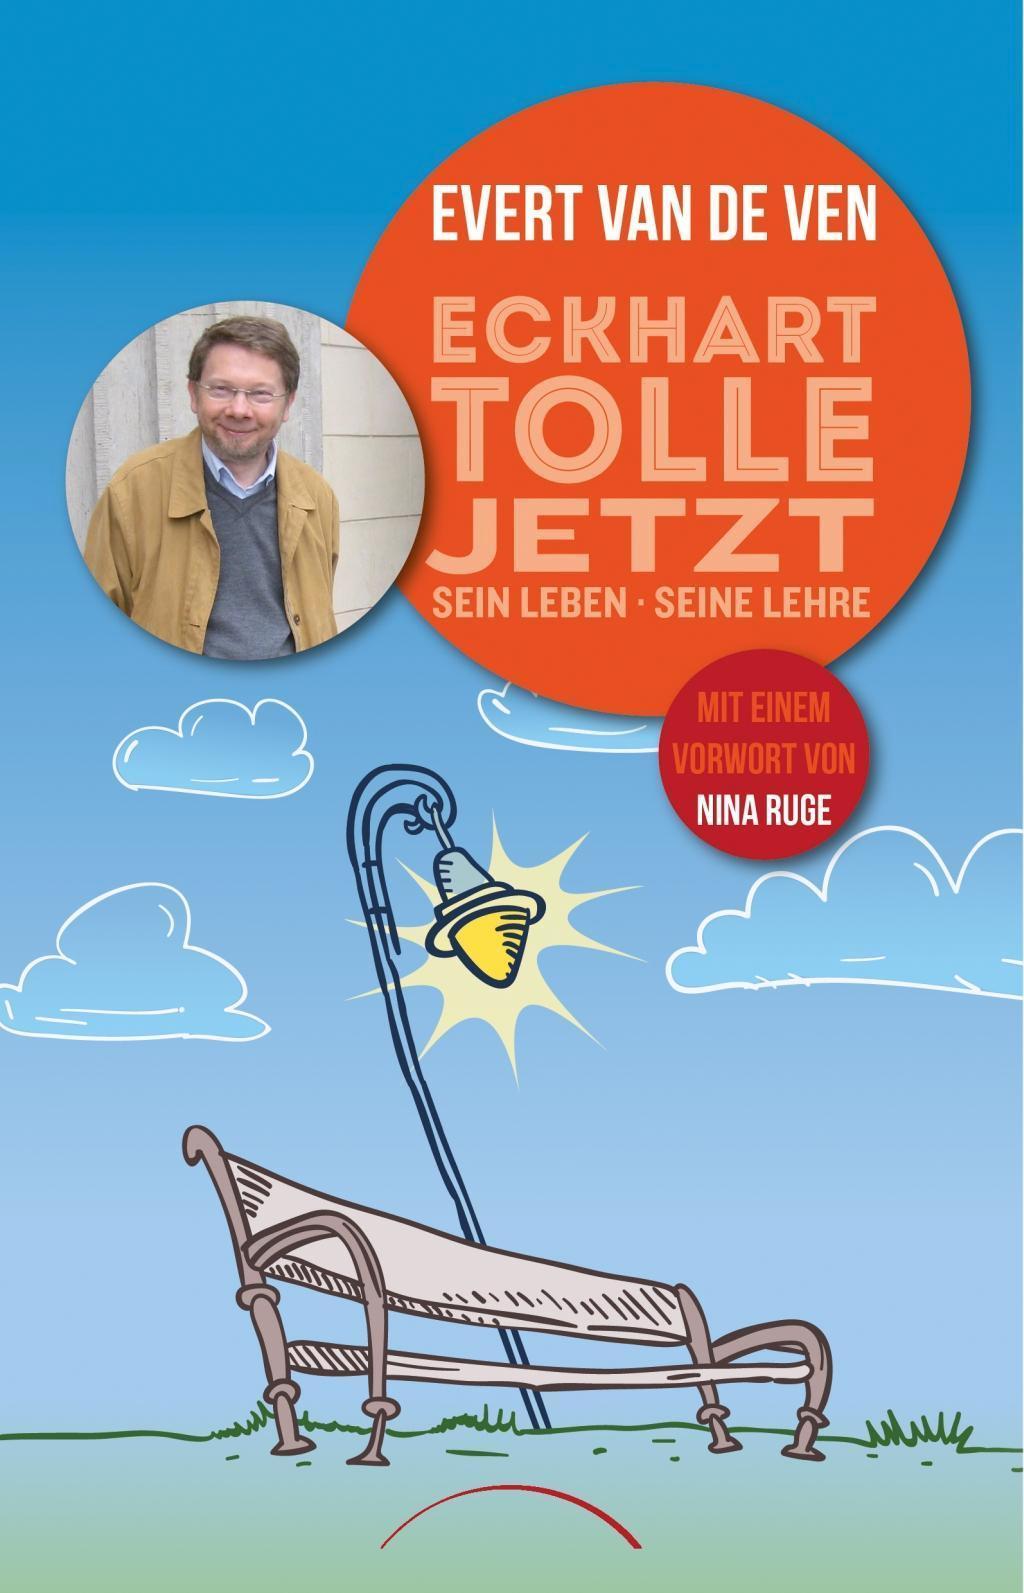 Eckhart Tolle Jetzt Sein Leben Seine Lehre